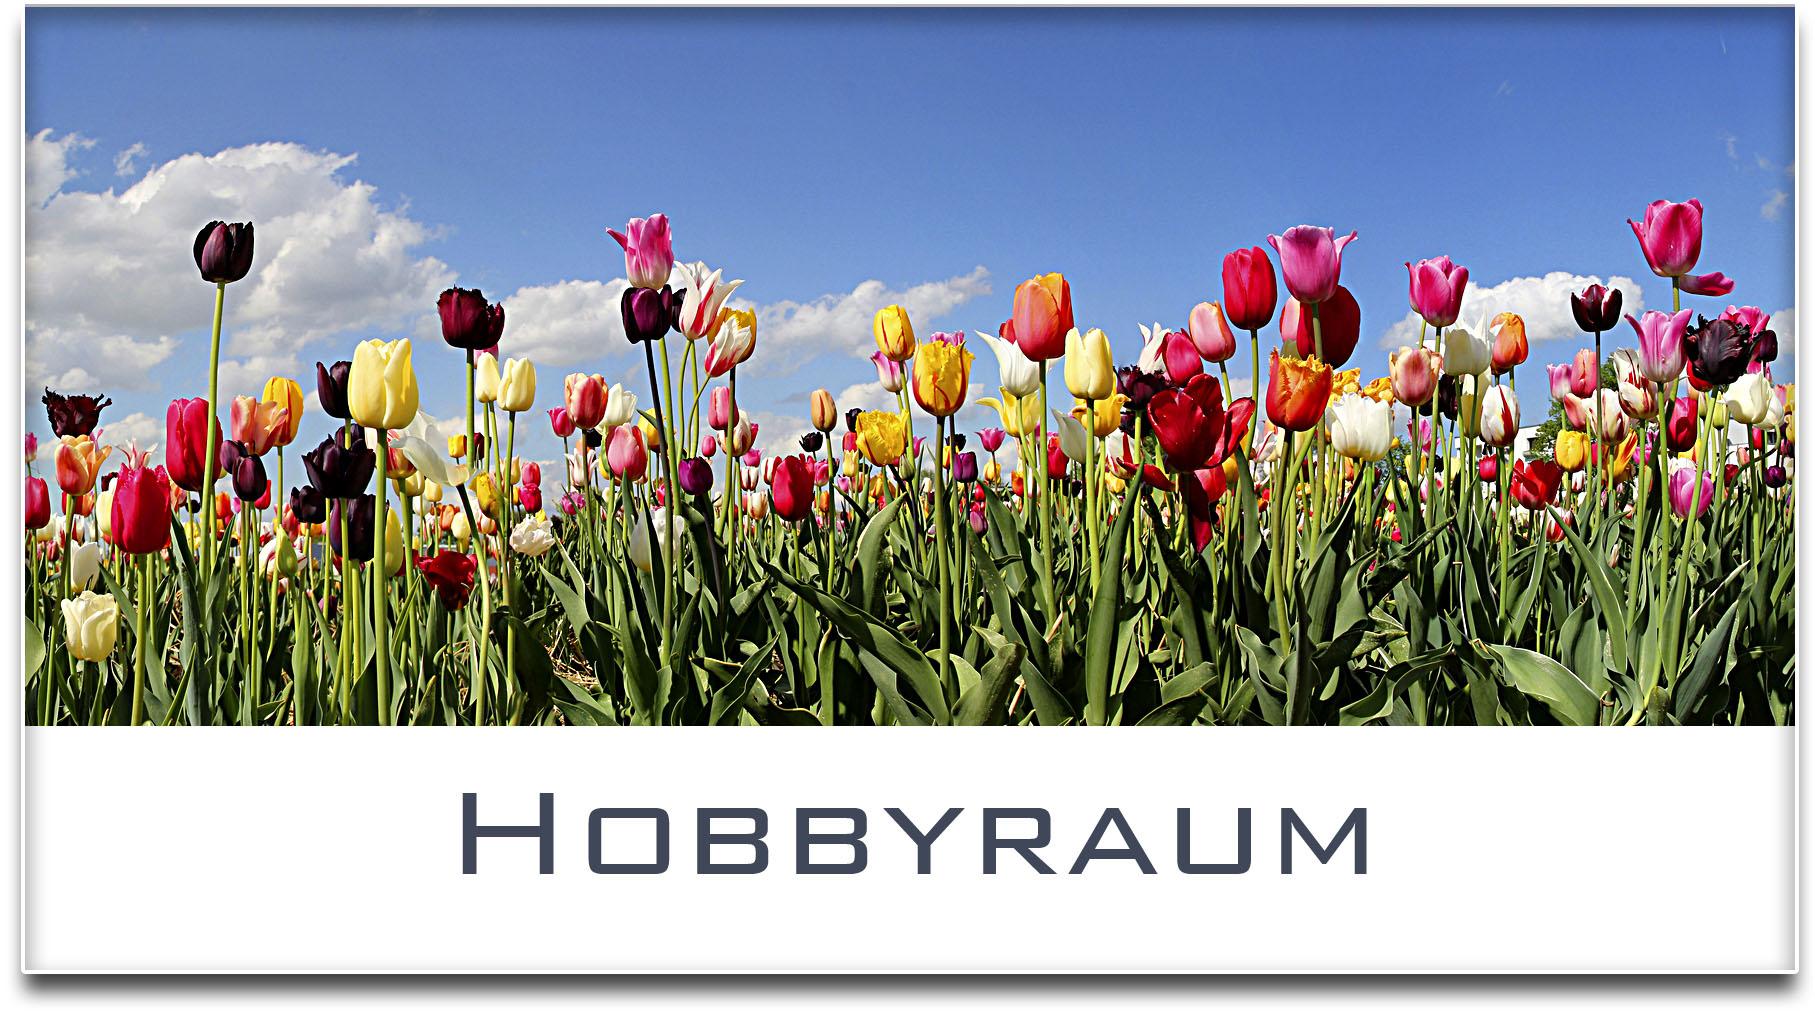 Türschild / Haustürschild / Tulpenfeld / Hobbyraum / Selbstklebend